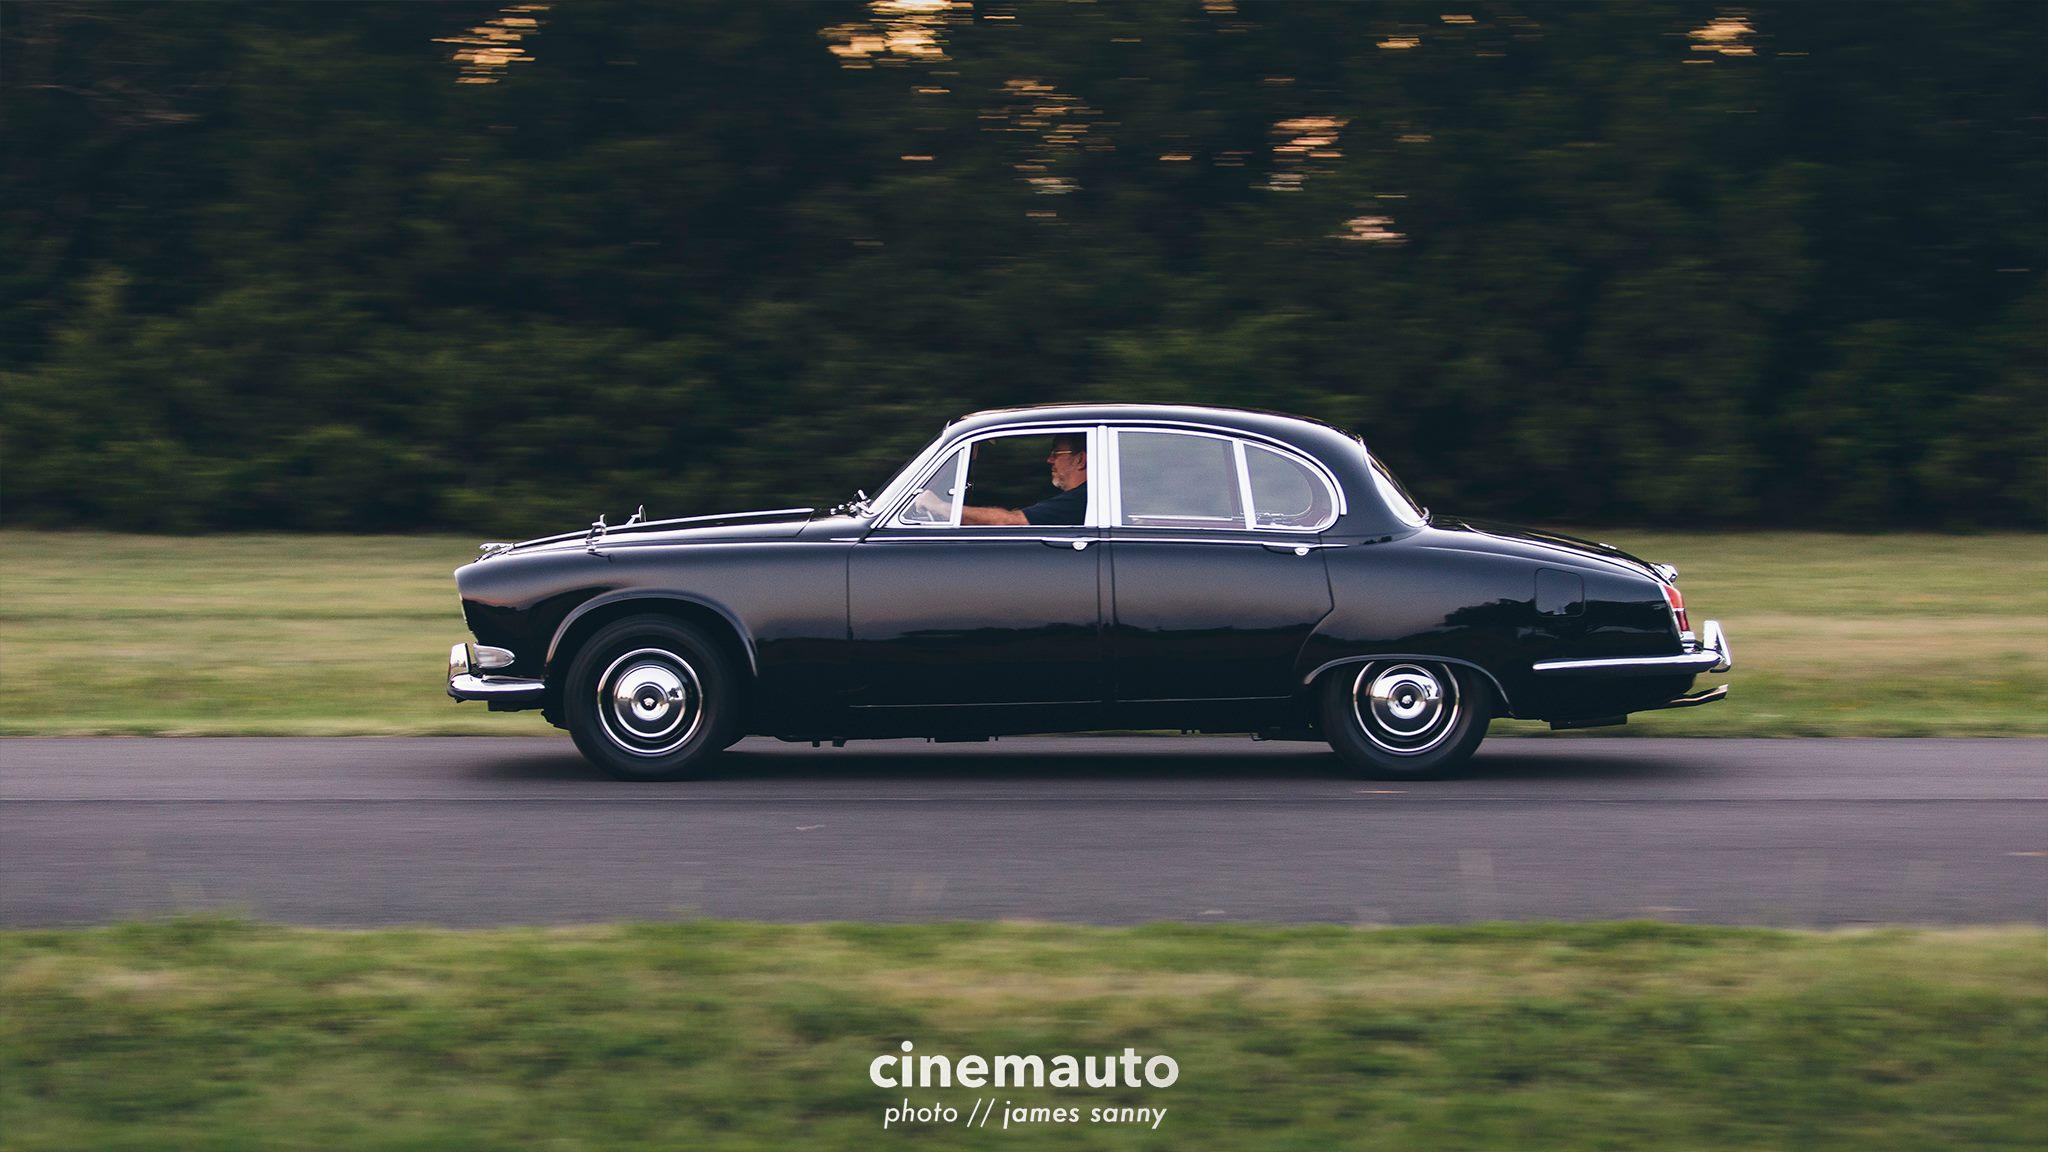 wichita-automotive-photographers-js16.jpg